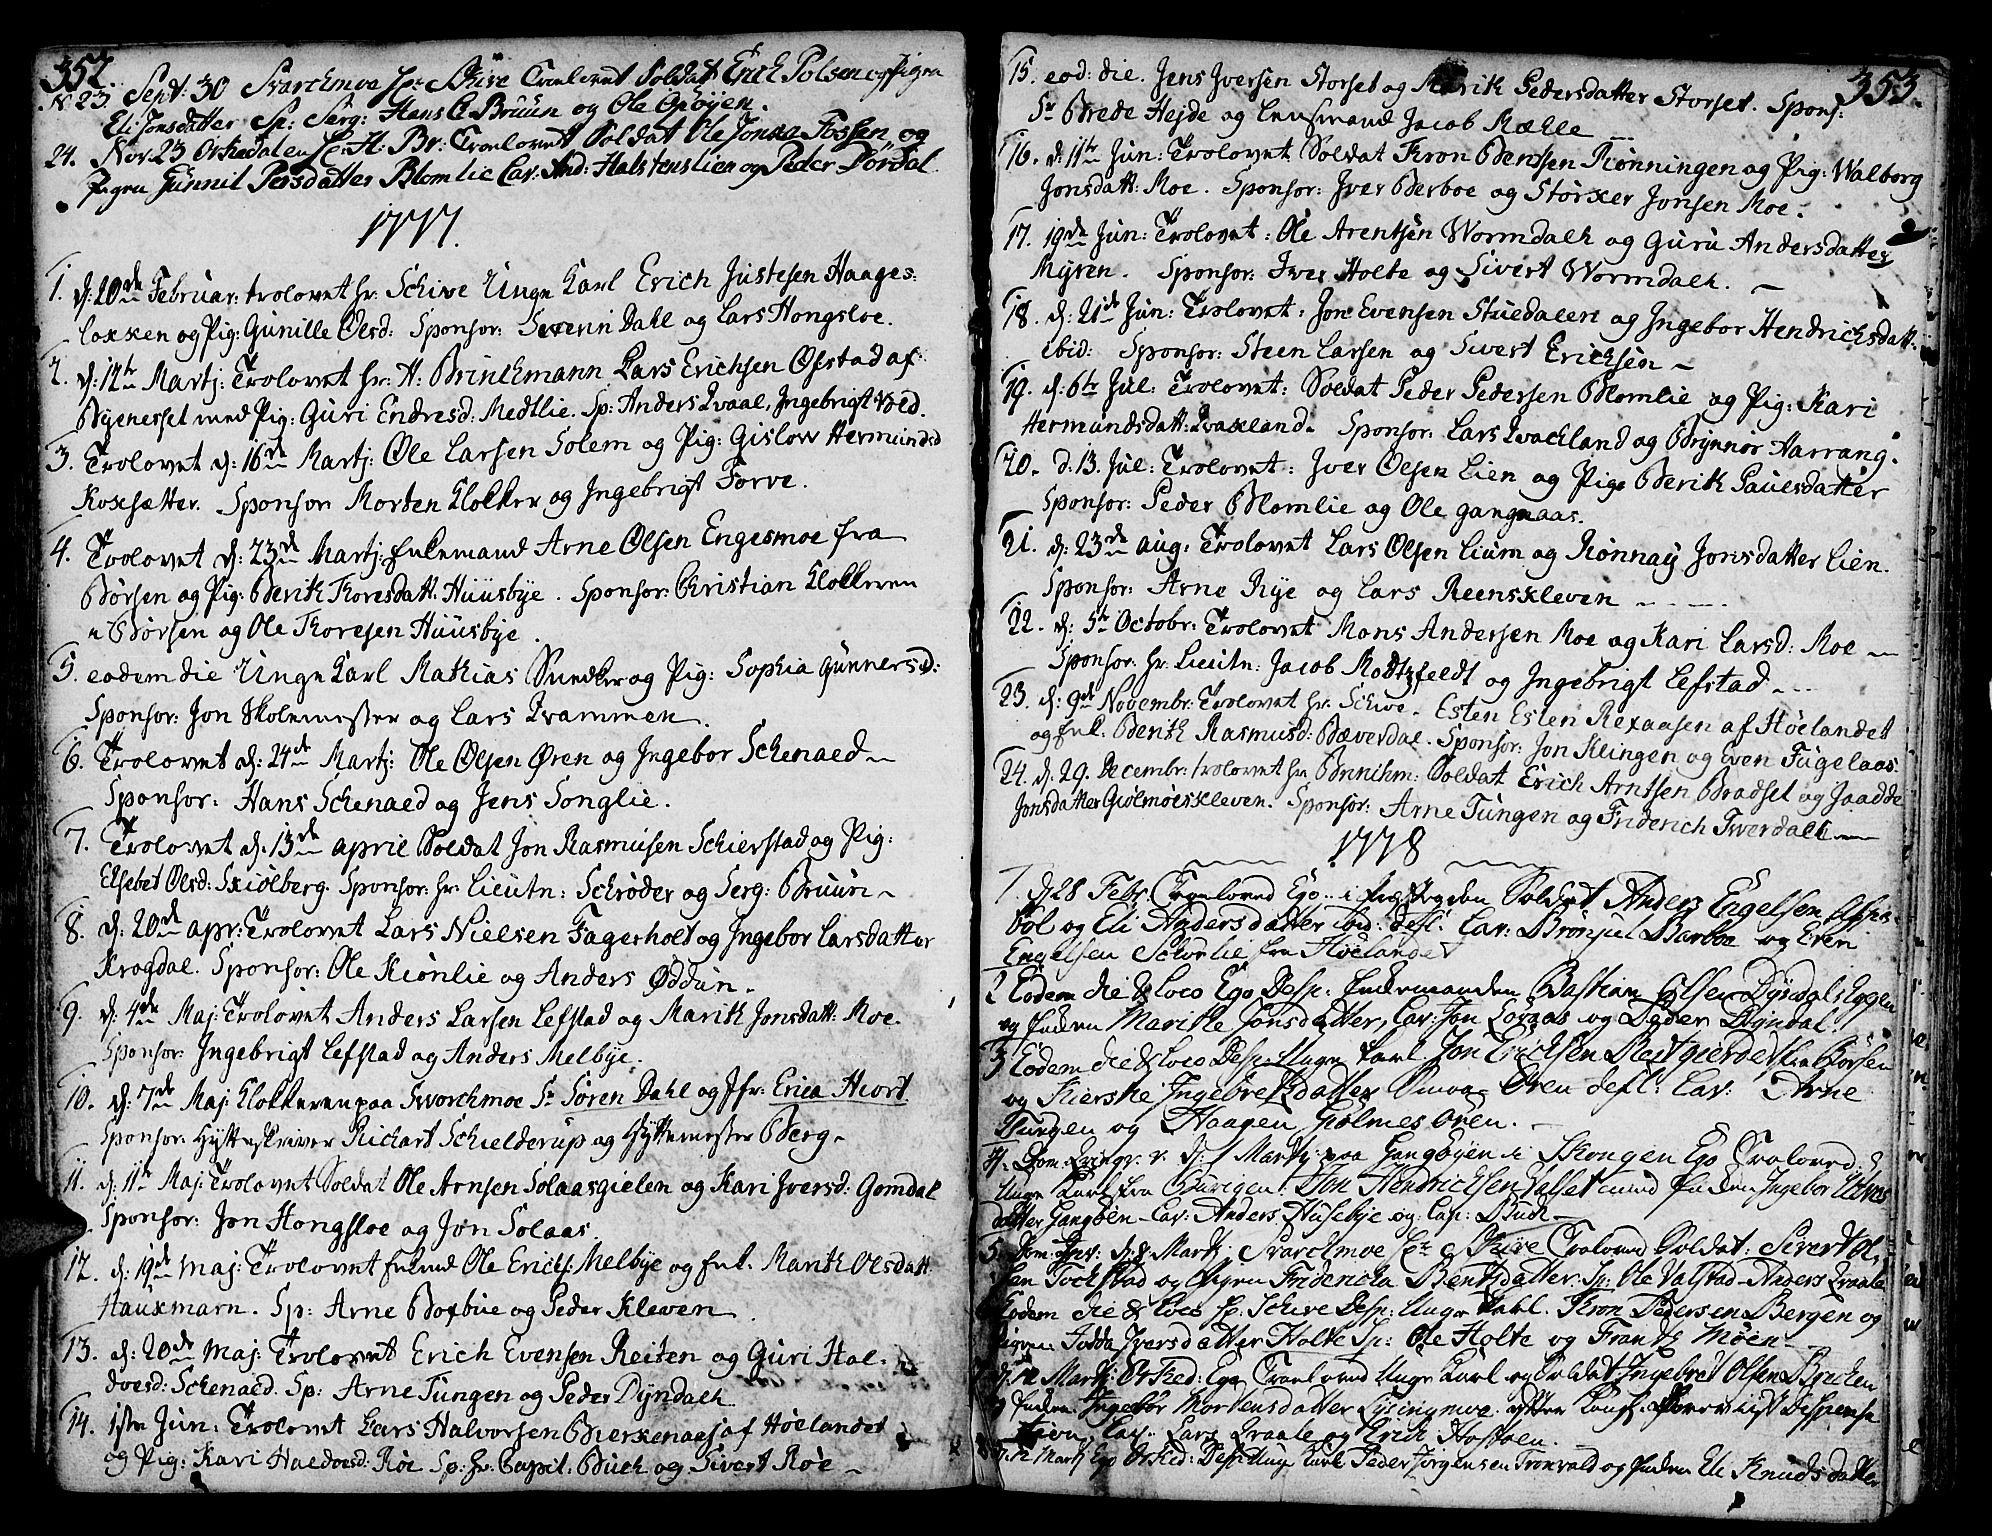 SAT, Ministerialprotokoller, klokkerbøker og fødselsregistre - Sør-Trøndelag, 668/L0802: Ministerialbok nr. 668A02, 1776-1799, s. 352-353